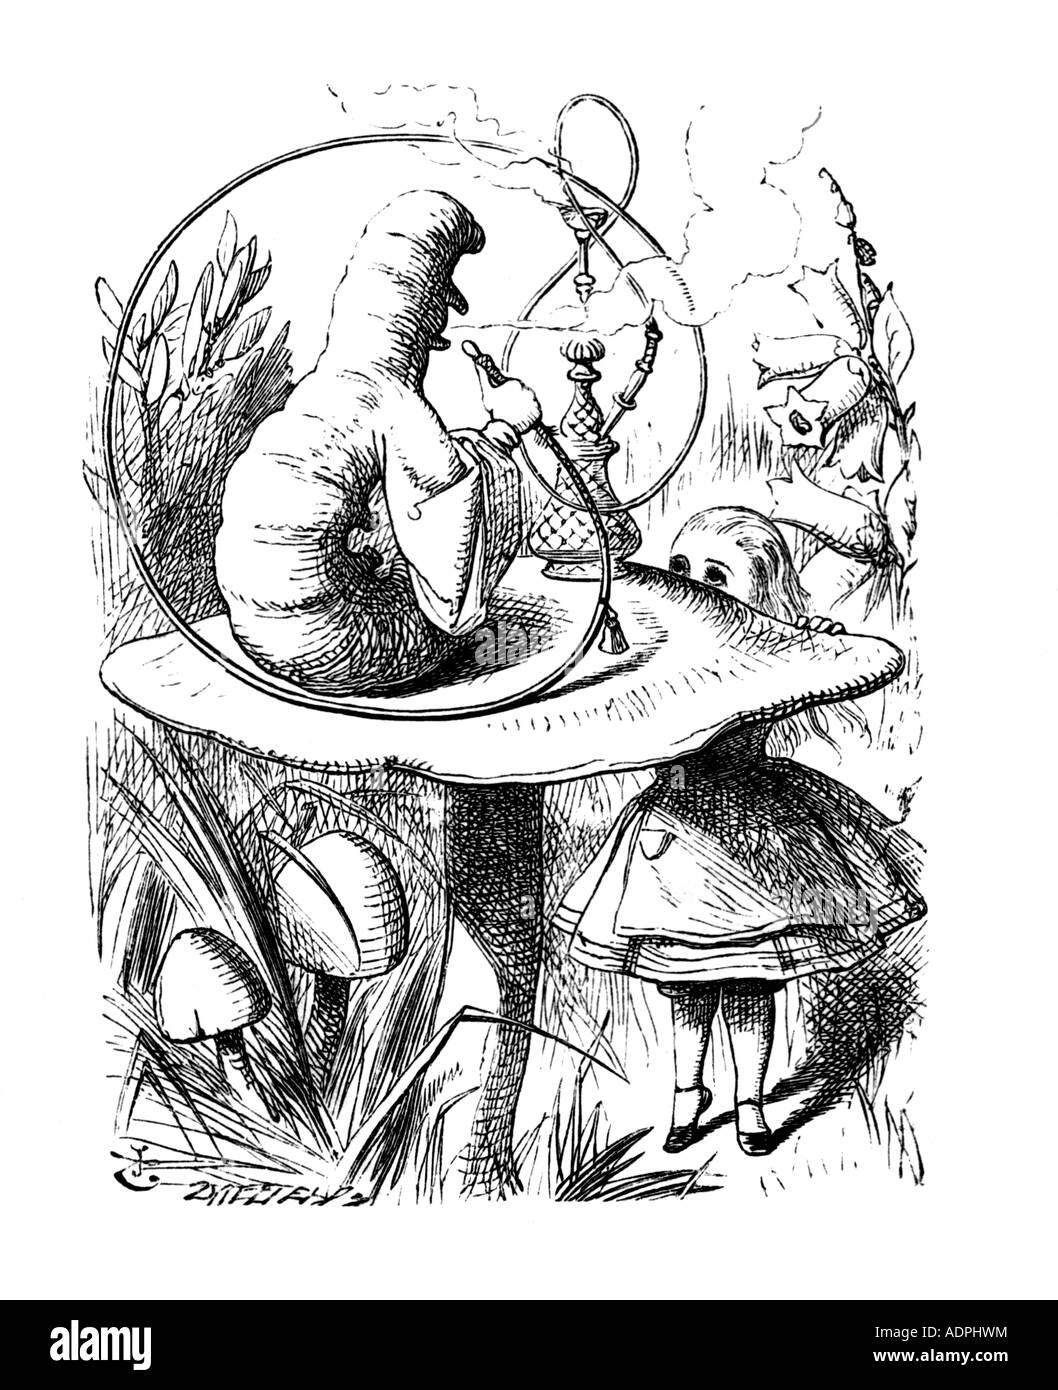 Illustrazioni Di Lewis Carroll S Alice Nel Paese Delle Meraviglie Da